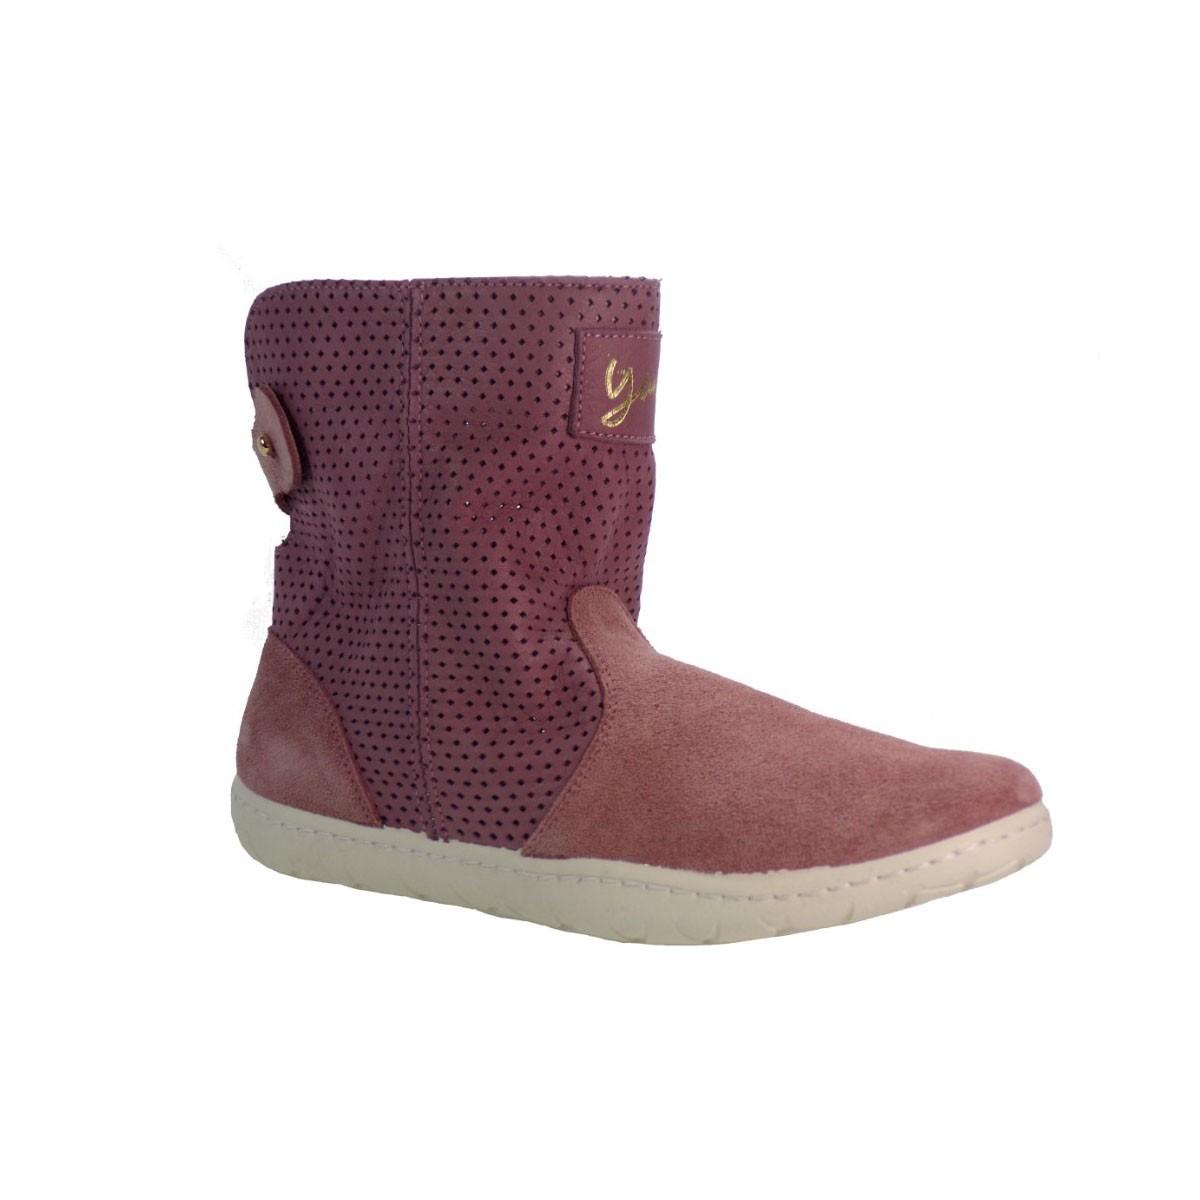 yum gum boot mary mwv bagiotashoes.gr